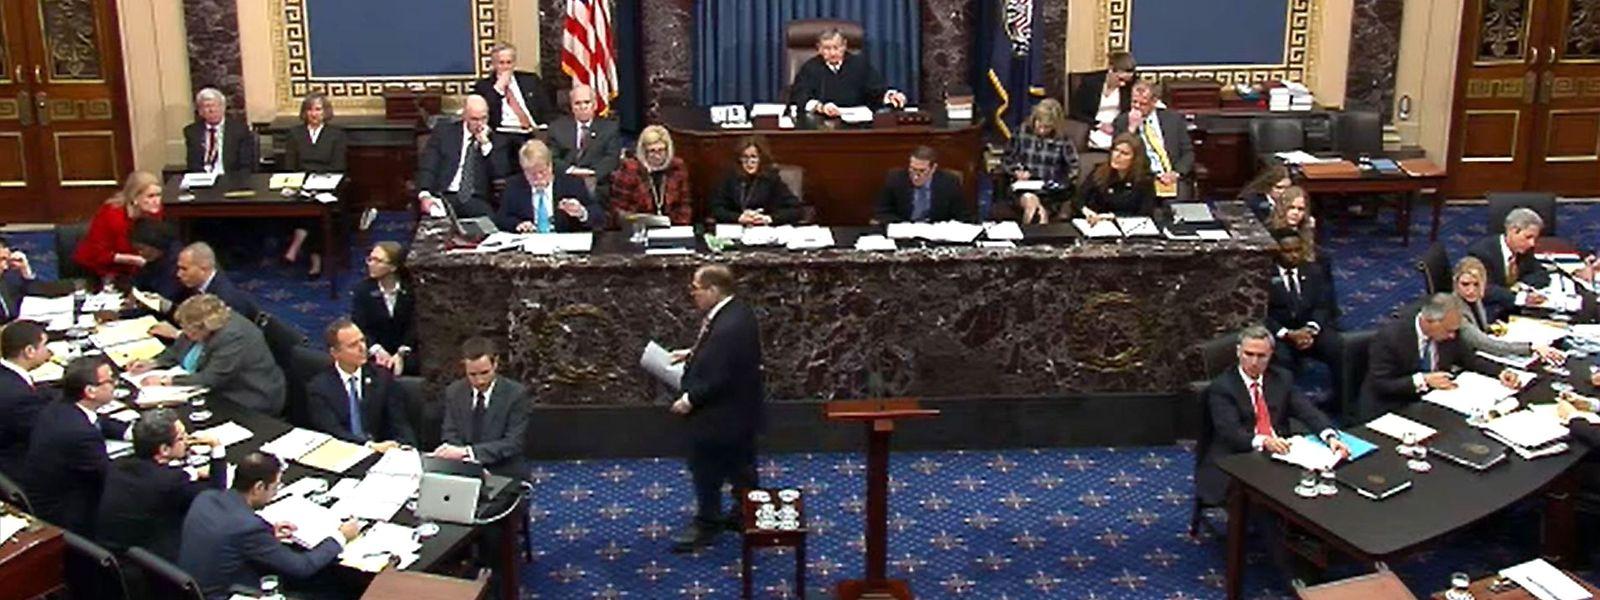 Blick in den Senat.